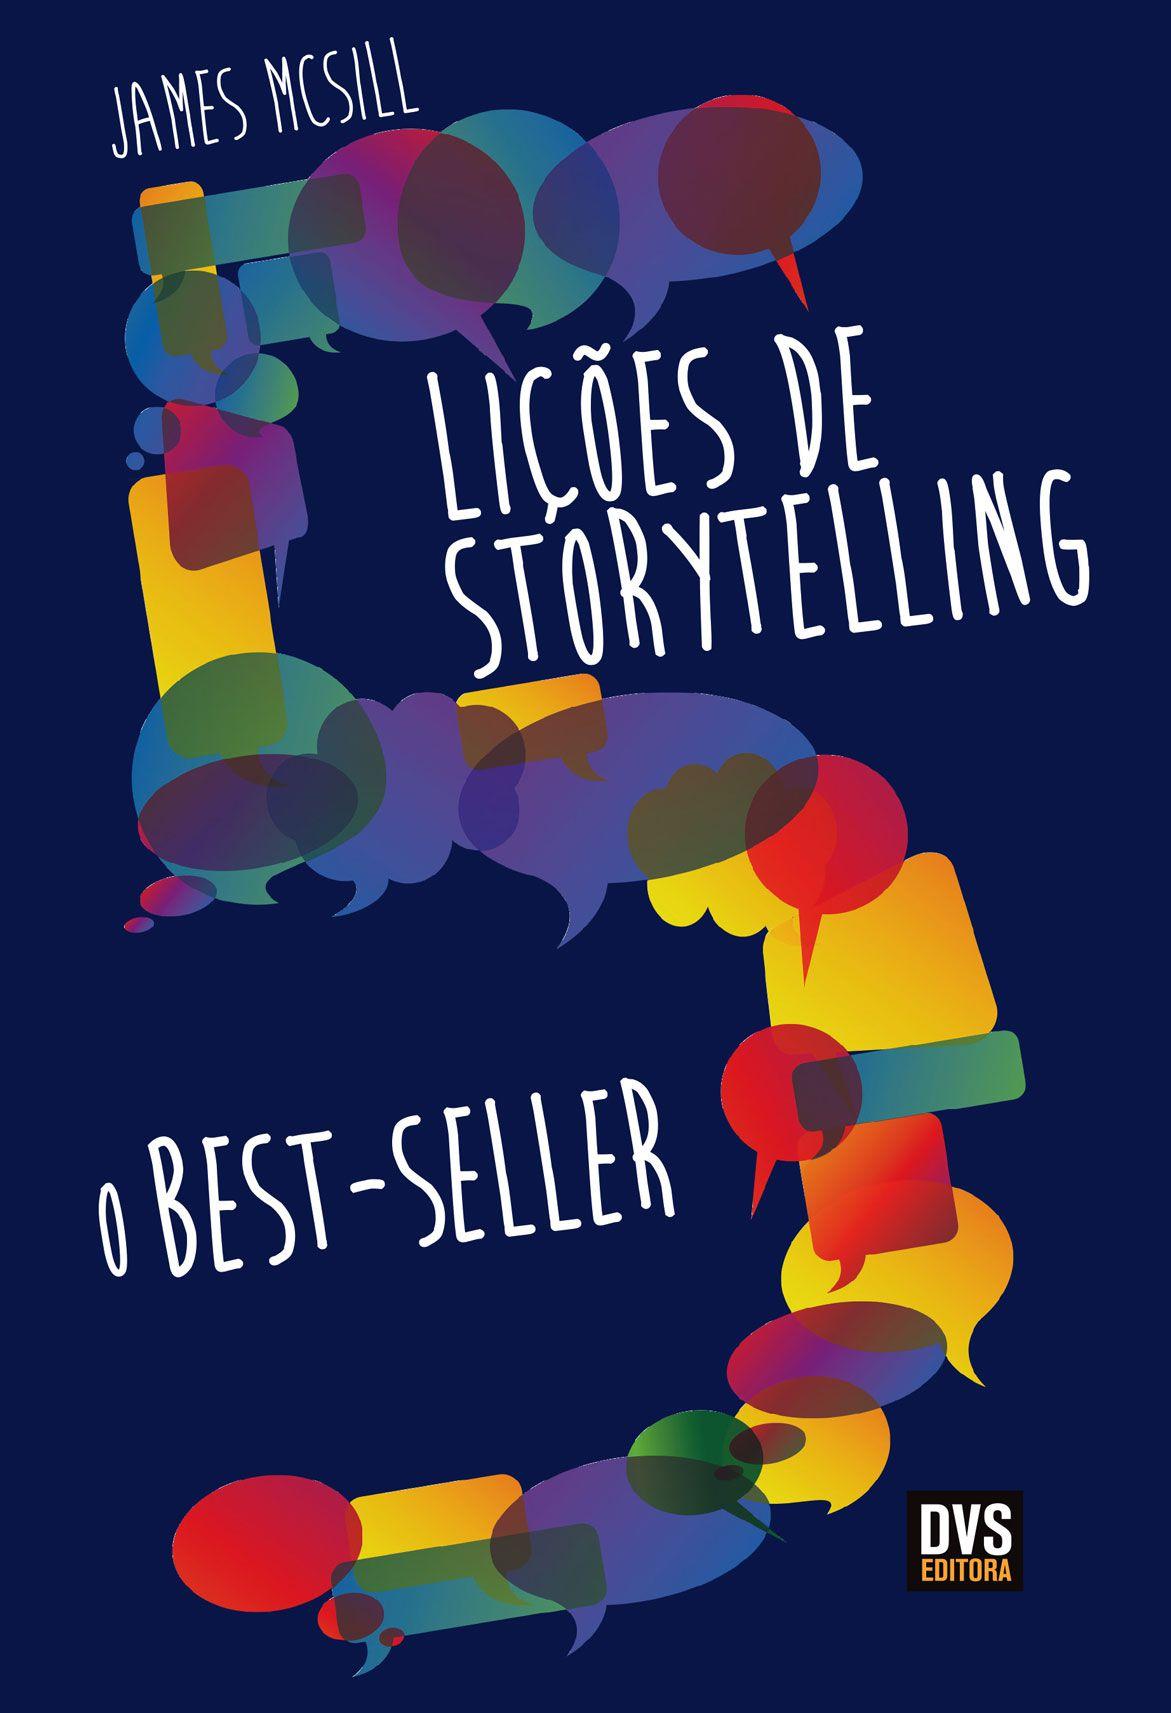 5 Lições de Storytelling - O Bestseller